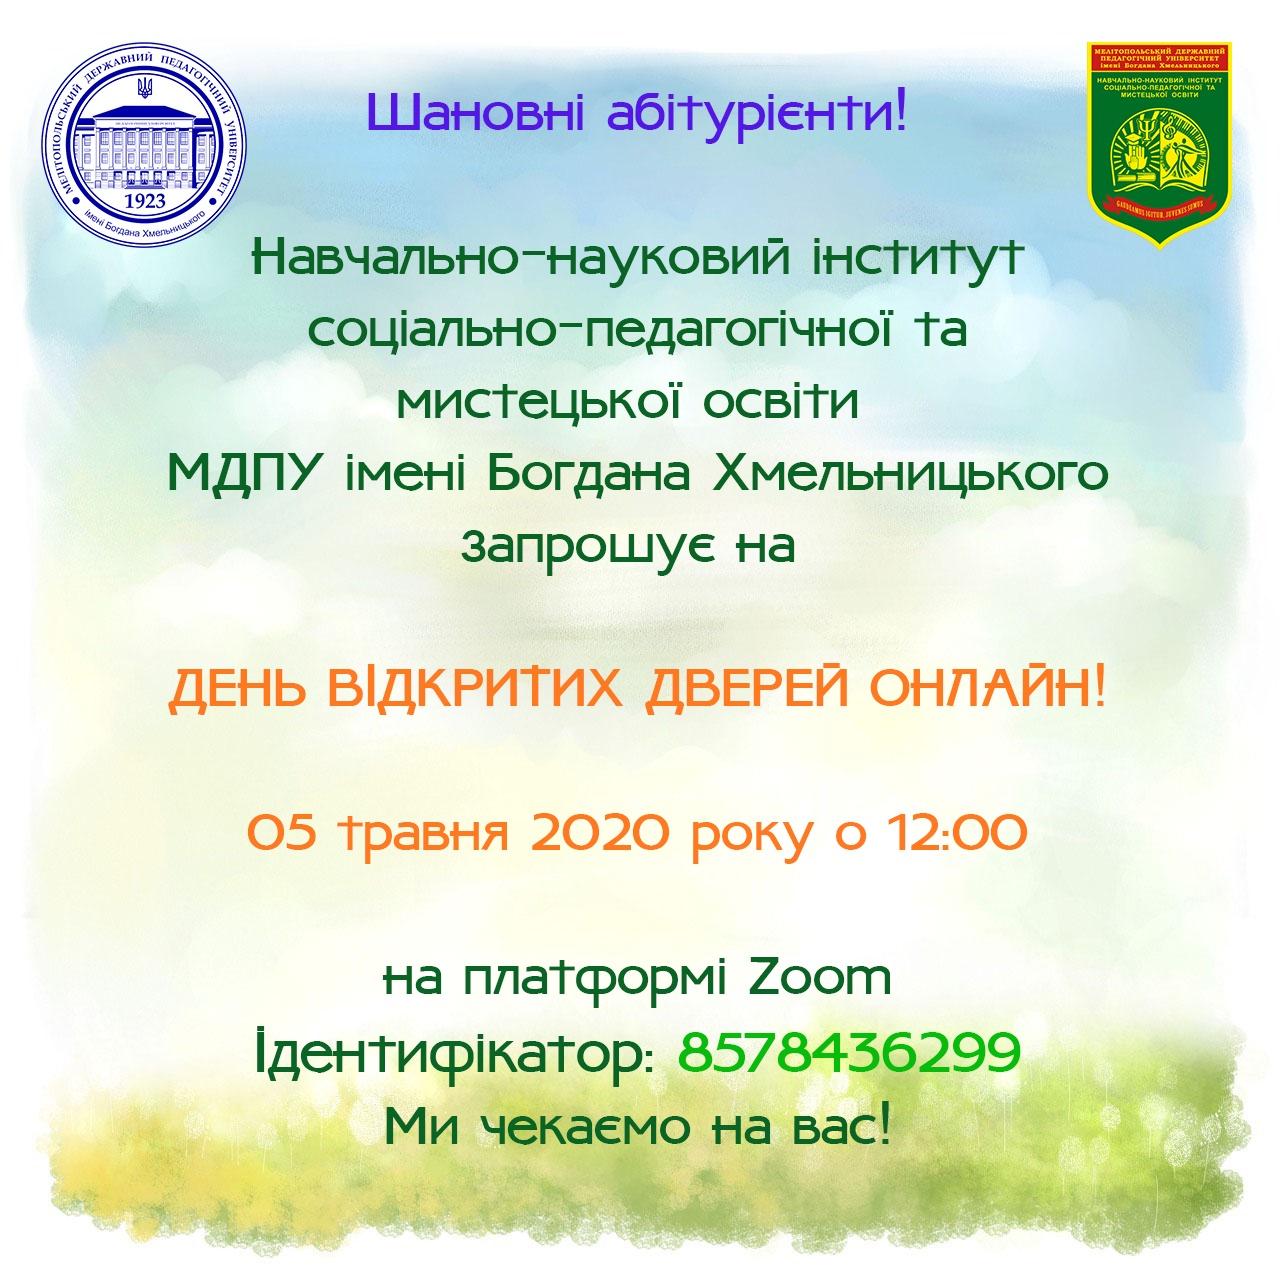 Запрошуємо на день відкритих дверей Навчально-наукового інституту соціально-педагогічної та мистецької освіти